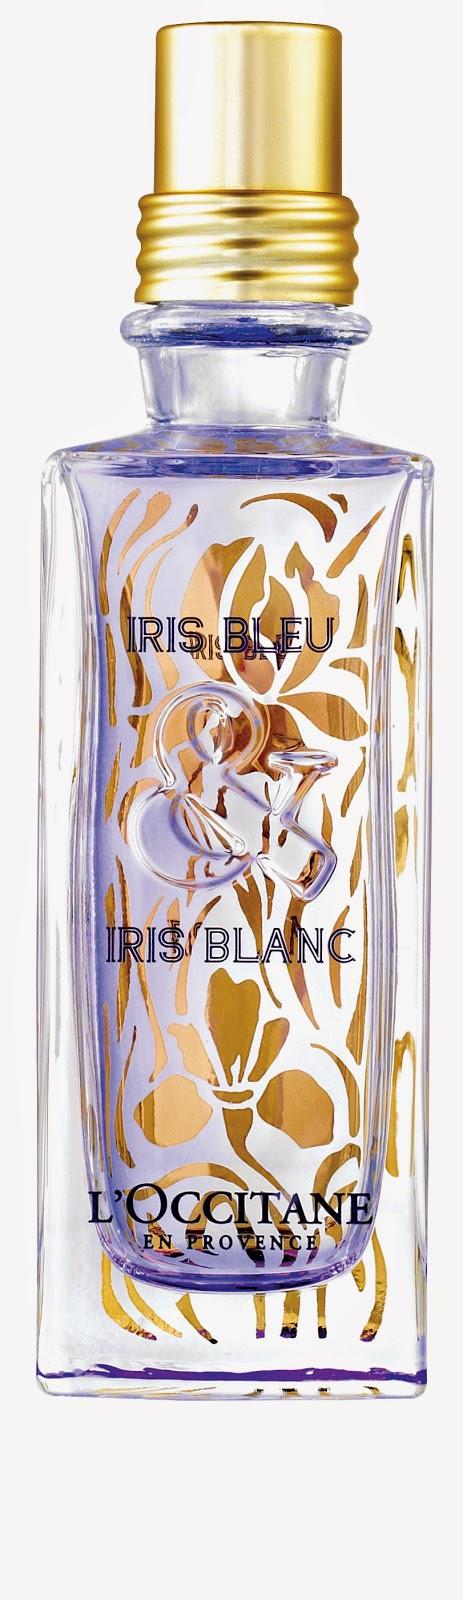 Iris Bleu & Iris Blanc EDT, unboxed, jpeg